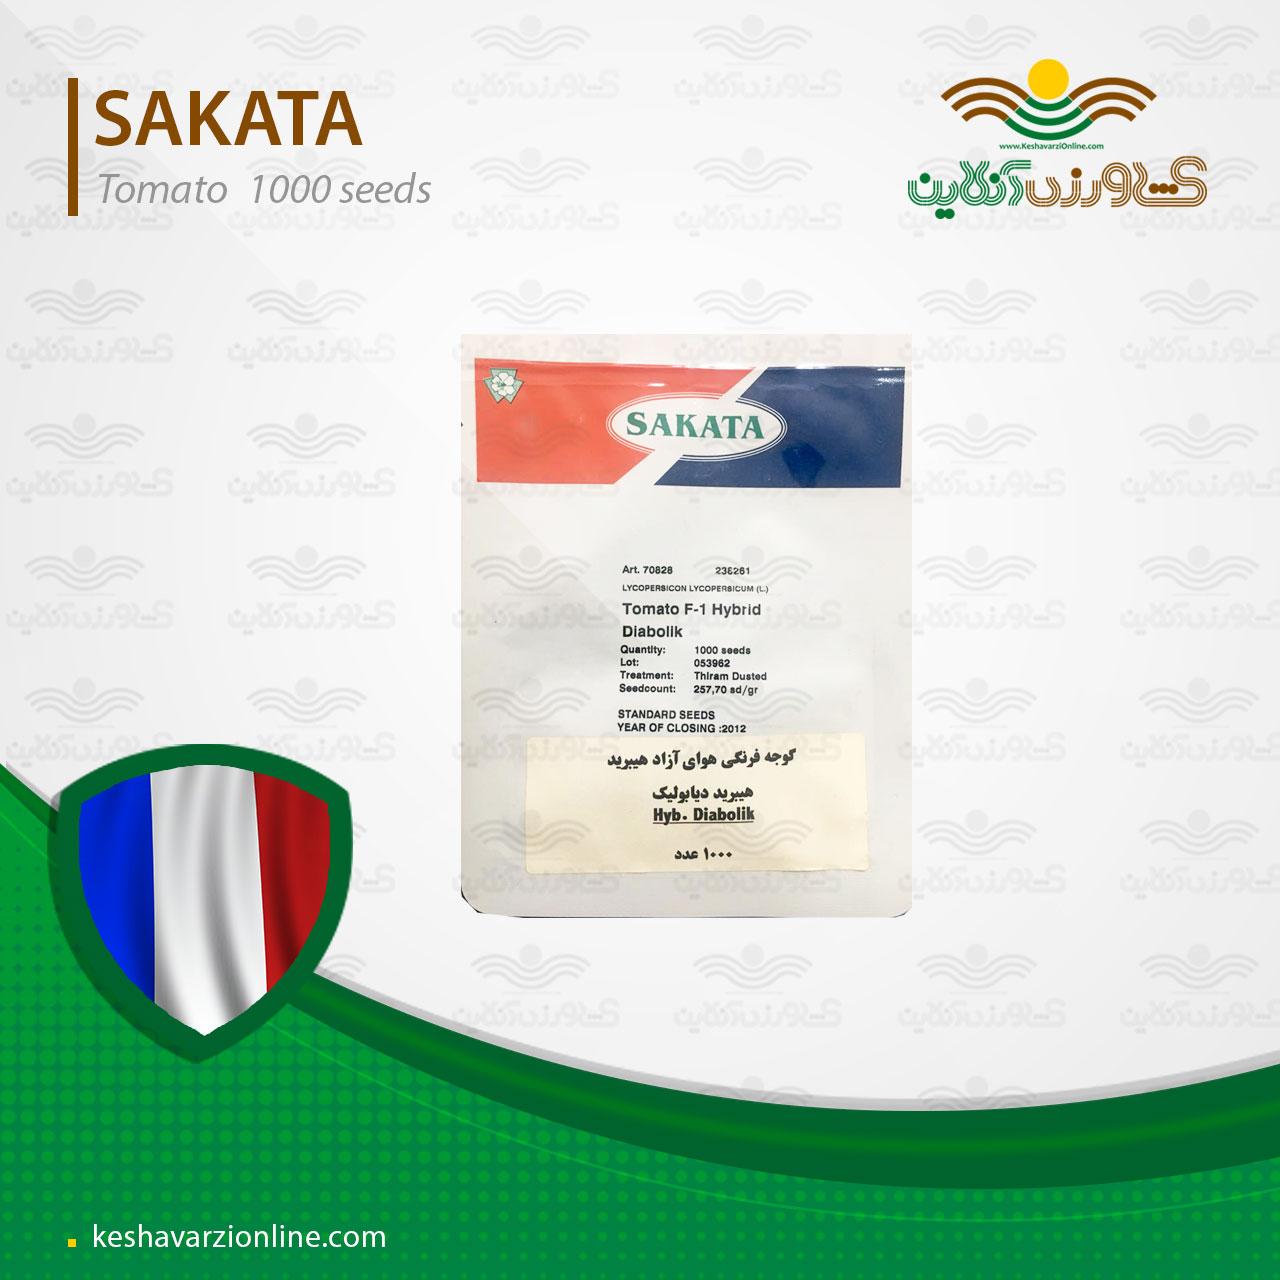 بذر گوجه فرنگی هیبرید دیابولیک ساکاتا